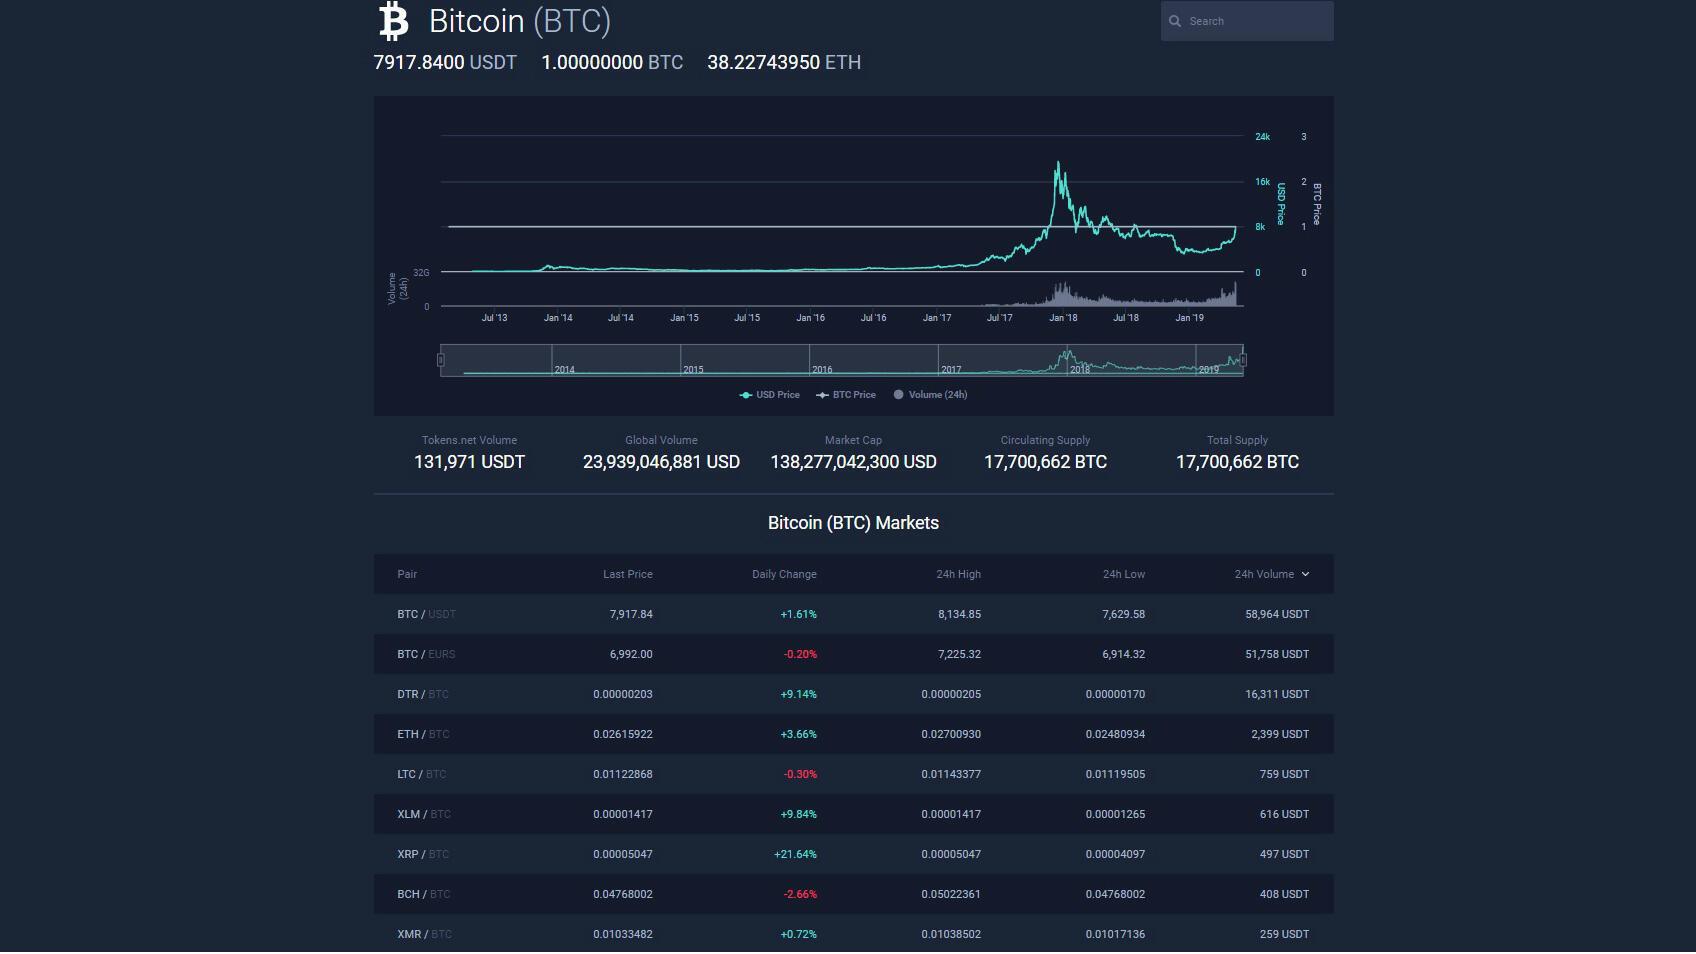 Pantallazo del sitio tokens.net, especializado en comercio de criptomonedas y propriedad del magnate esloveno de la Blockchain, Damian Merlak.